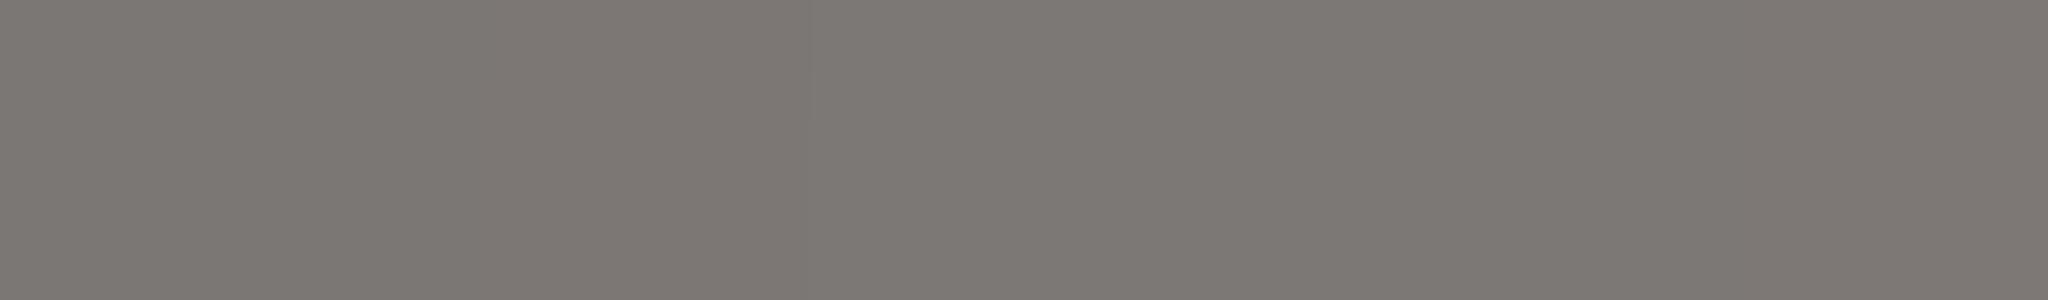 HU 177299 Кромка ABS Серый - Гладкая Глянцевая 90°